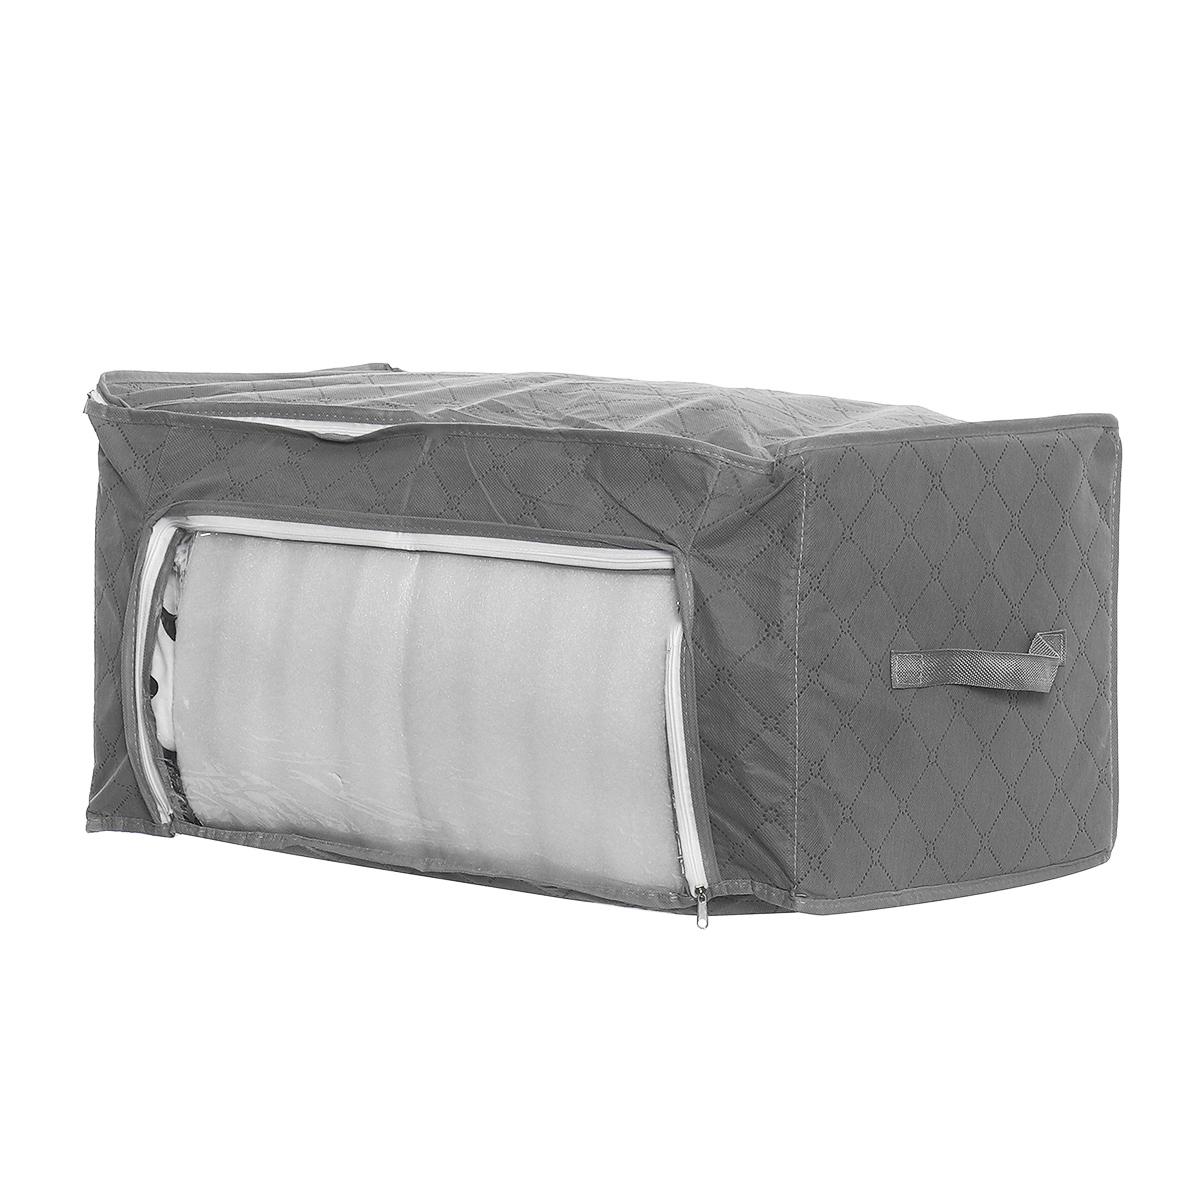 Складное Хранение Сумки Одежда Одеяло Хранение Одеяло Сумка Свитер Органайзер Коробка Мешочек